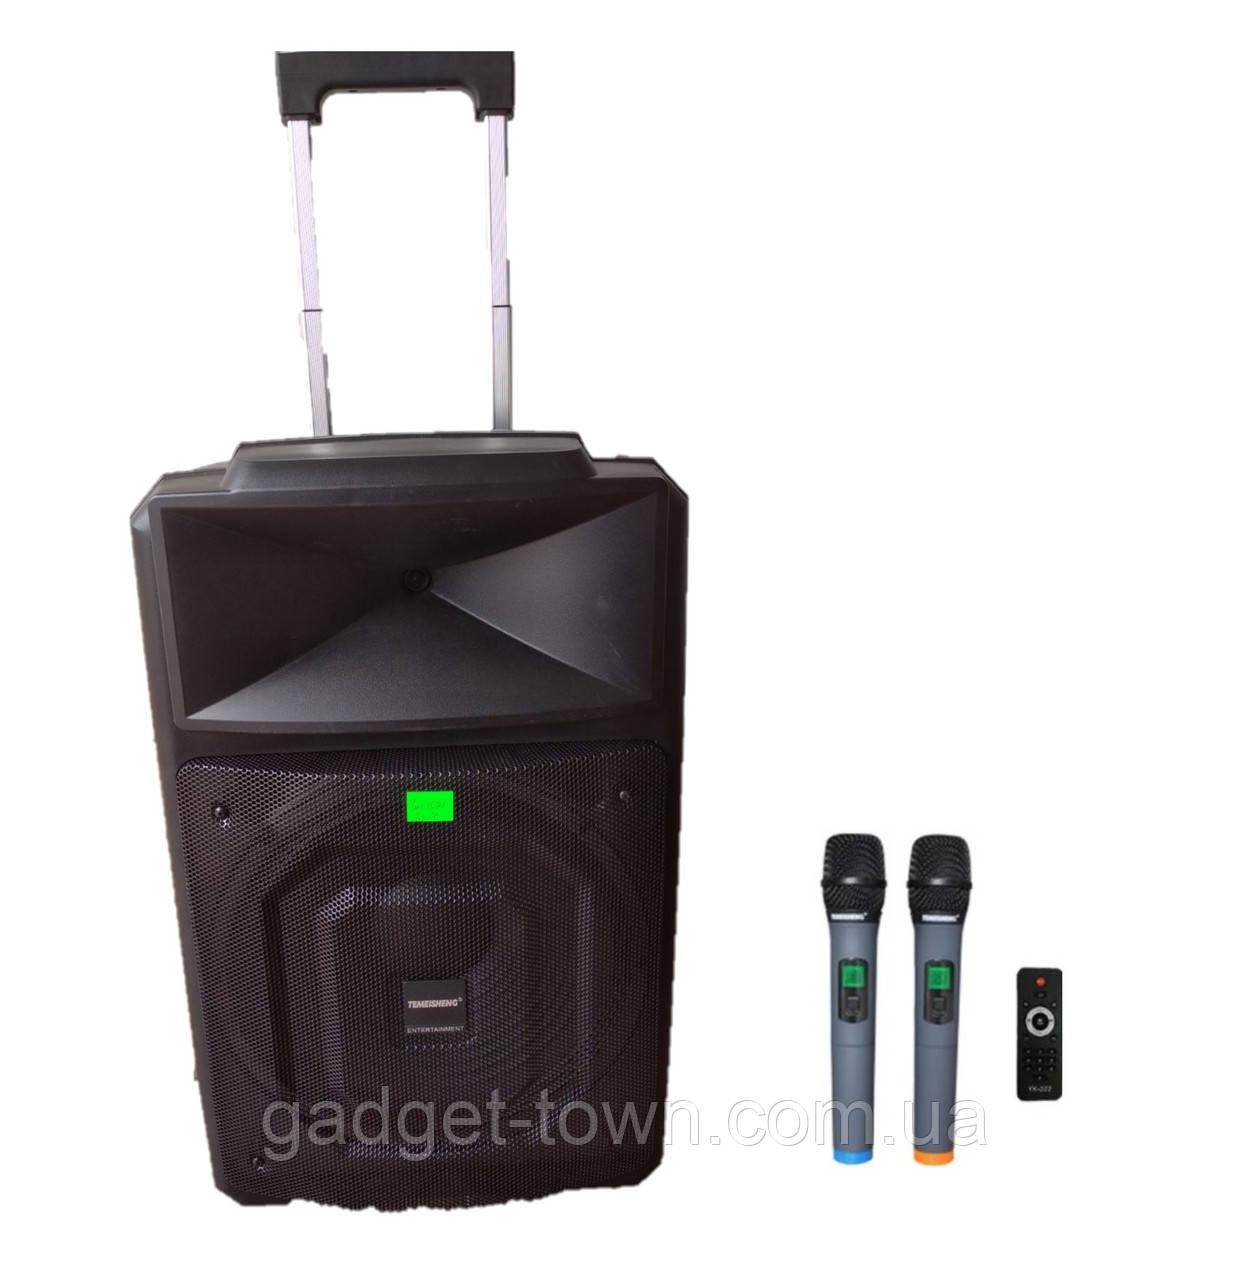 Аккумуляторная колонка профессиональная с микрофонами Temeisheng TMS-1521 / 400W (USB/Bluetooth/Пульт ДУ/ FM)